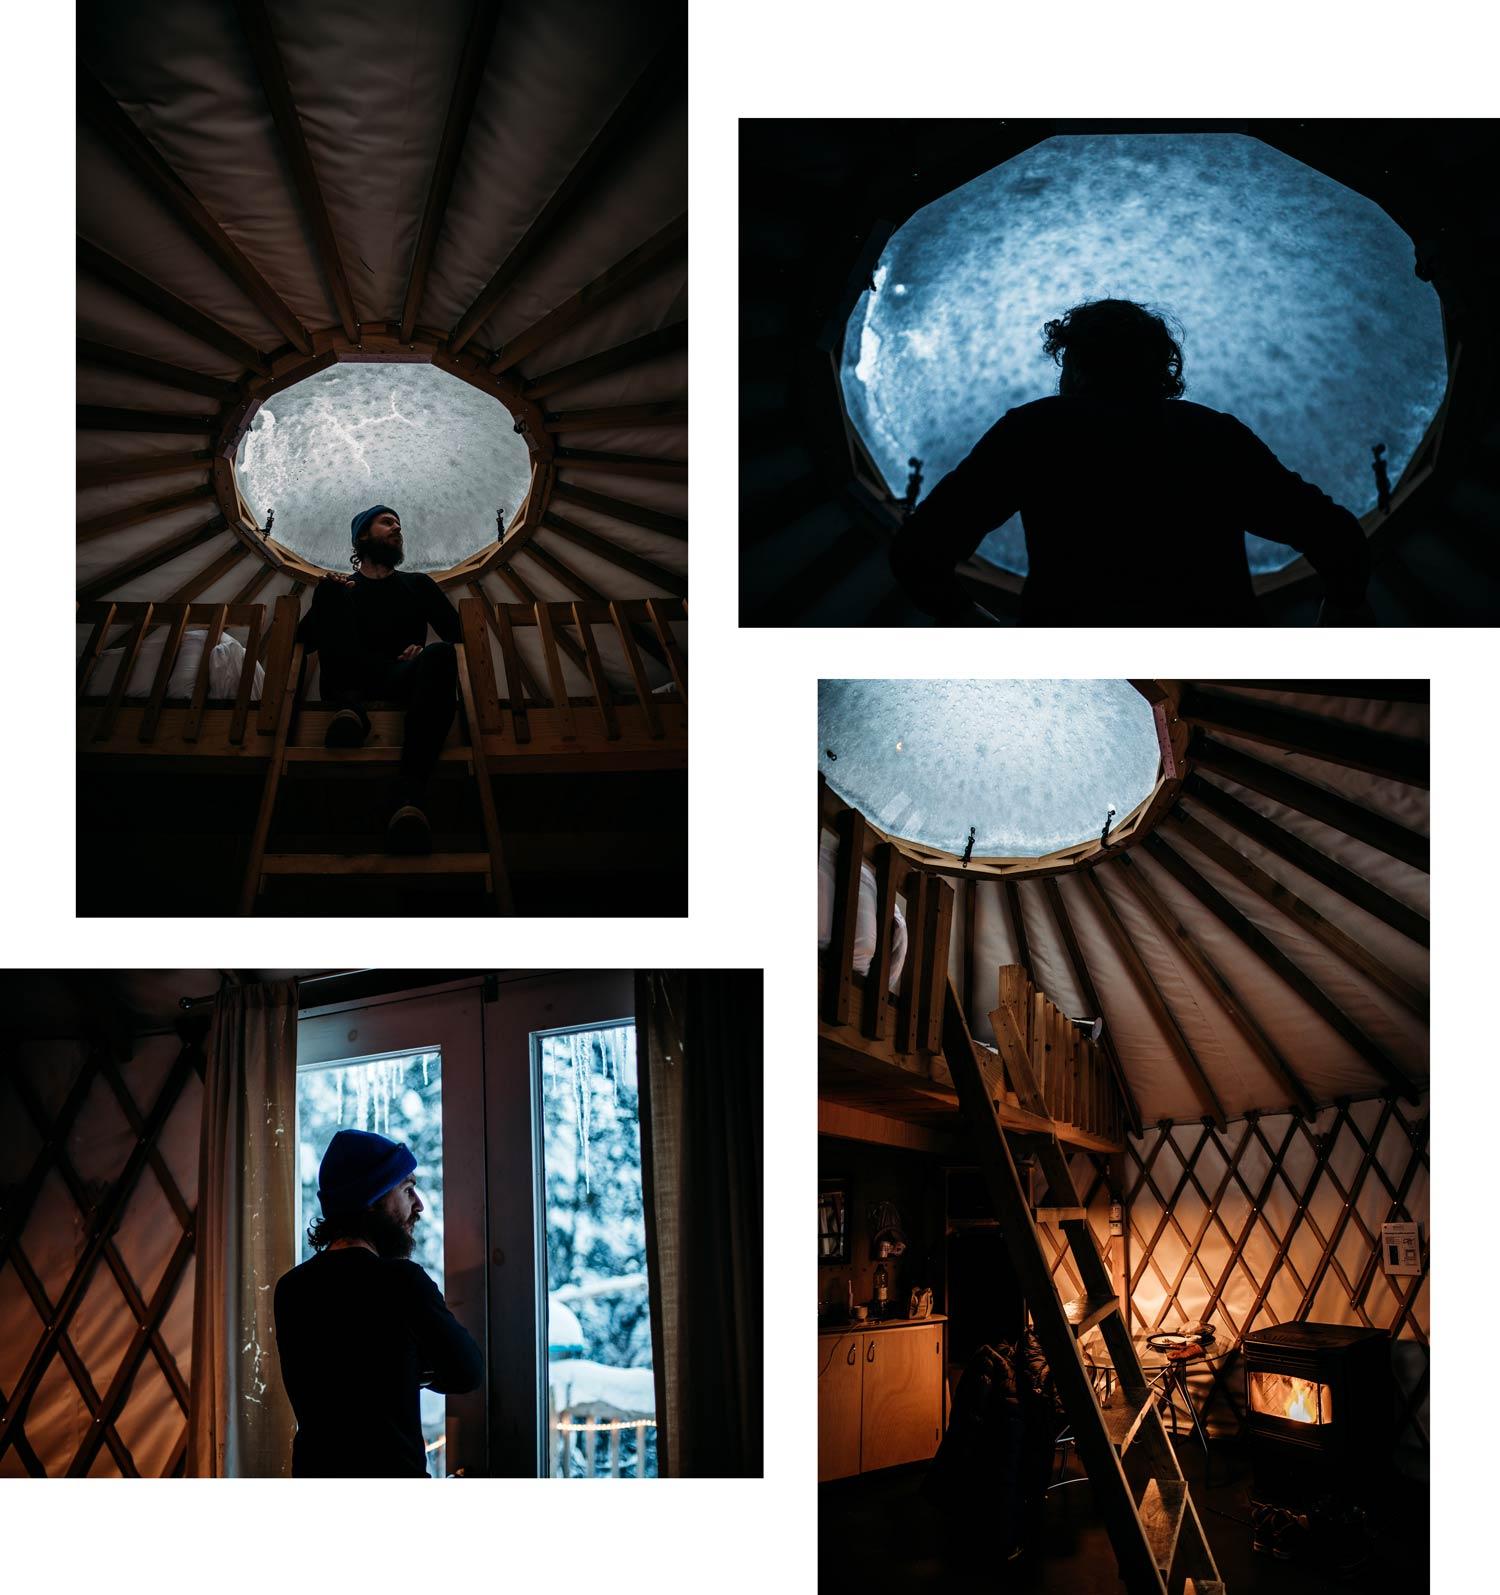 hébergement insolite dormir dans une yourte au Québec